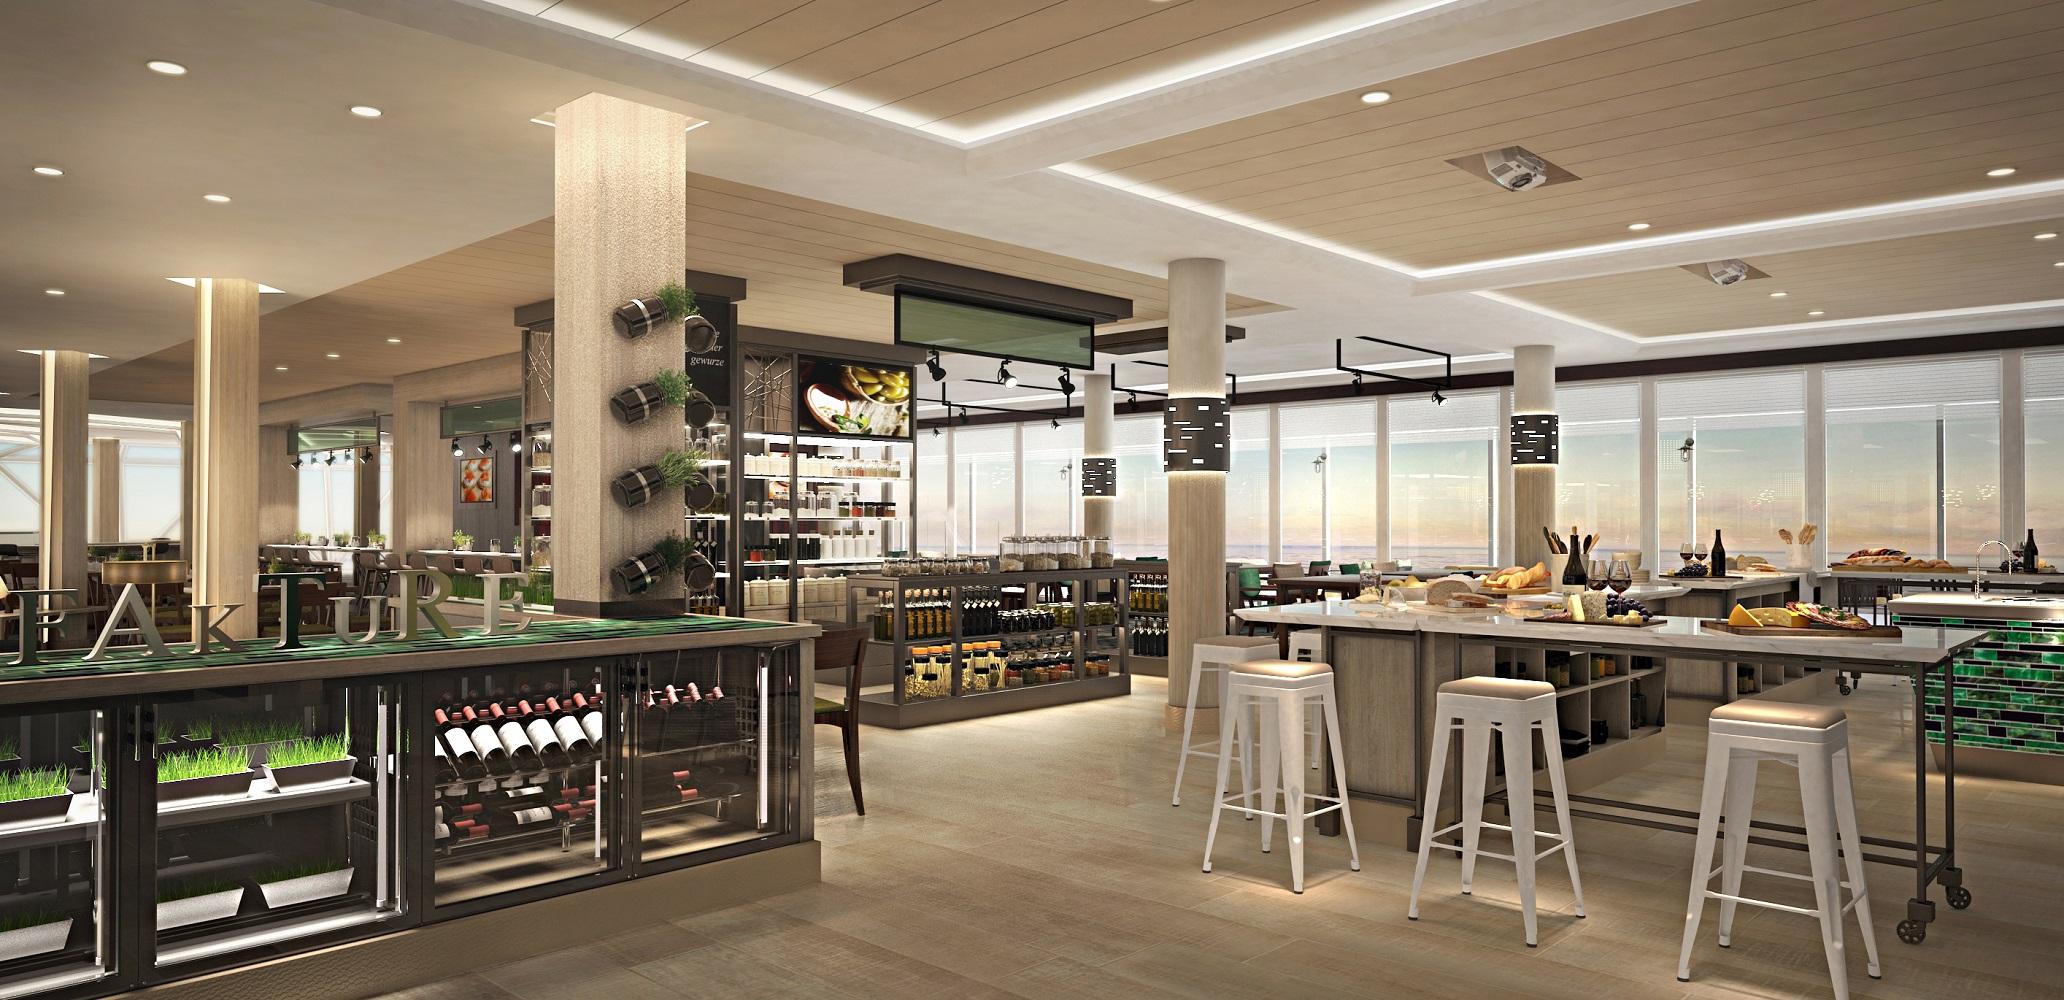 Die Manufaktur – Kreativ Küche auf der neuen Mein Schiff 1 von TUI Cruises